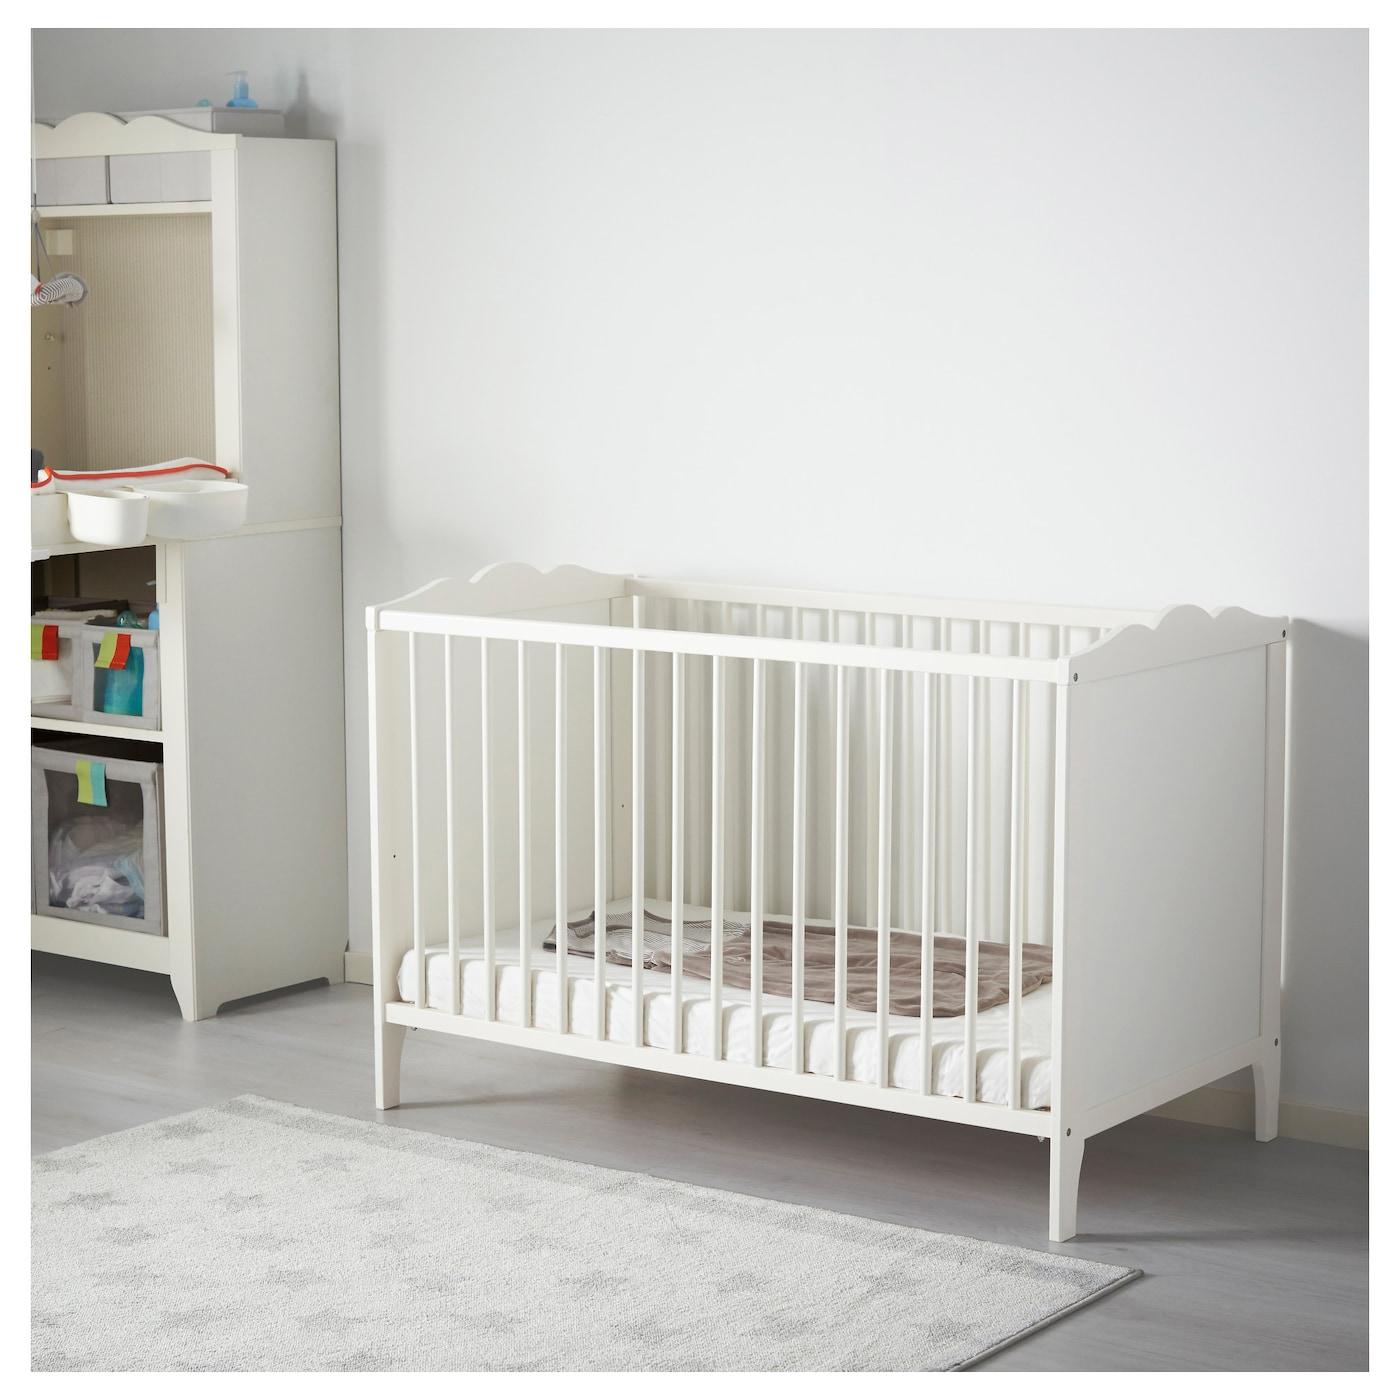 hensvik cot white 60x120 cm ikea. Black Bedroom Furniture Sets. Home Design Ideas